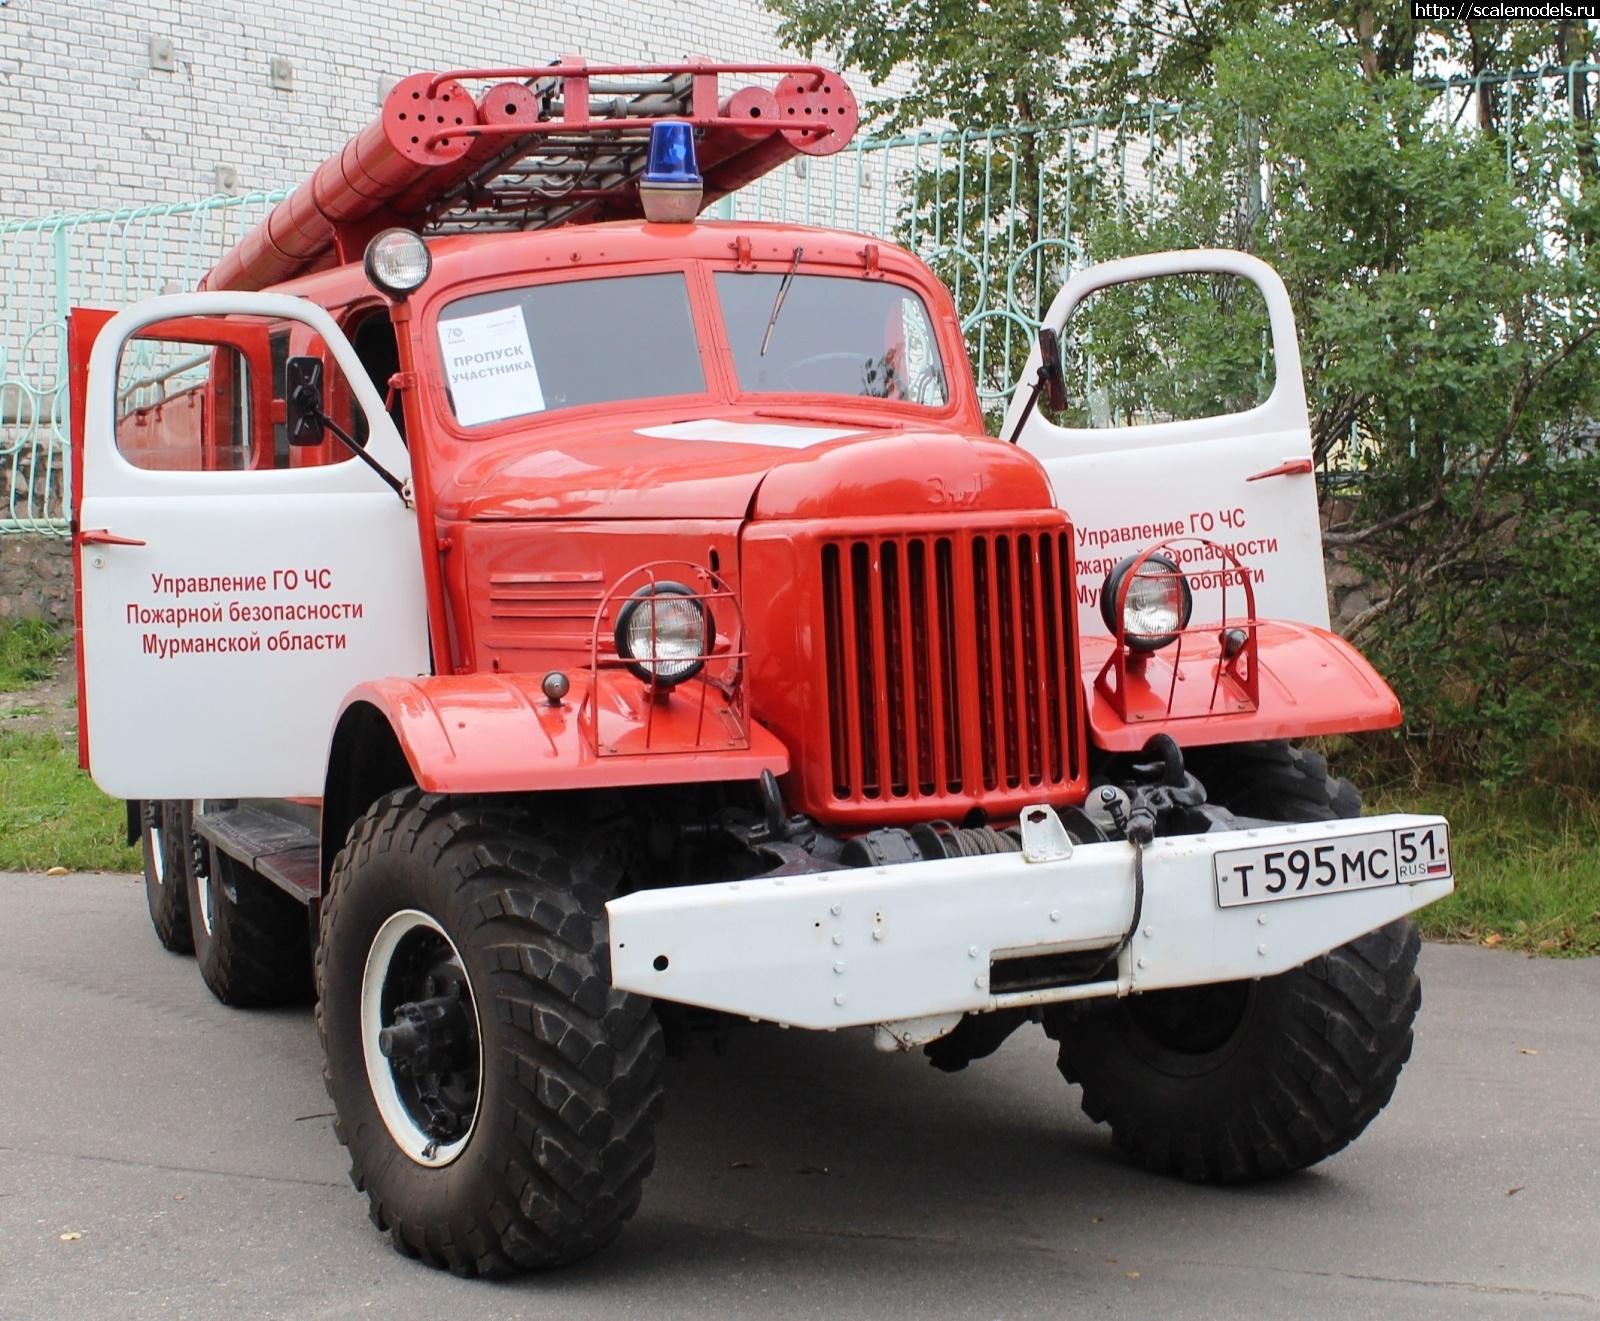 Walkaround пожарная автоцистерна ПМЗ-27 на базе ЗиЛ-157, Оленегорск, Мурманская область, Россия Закрыть окно